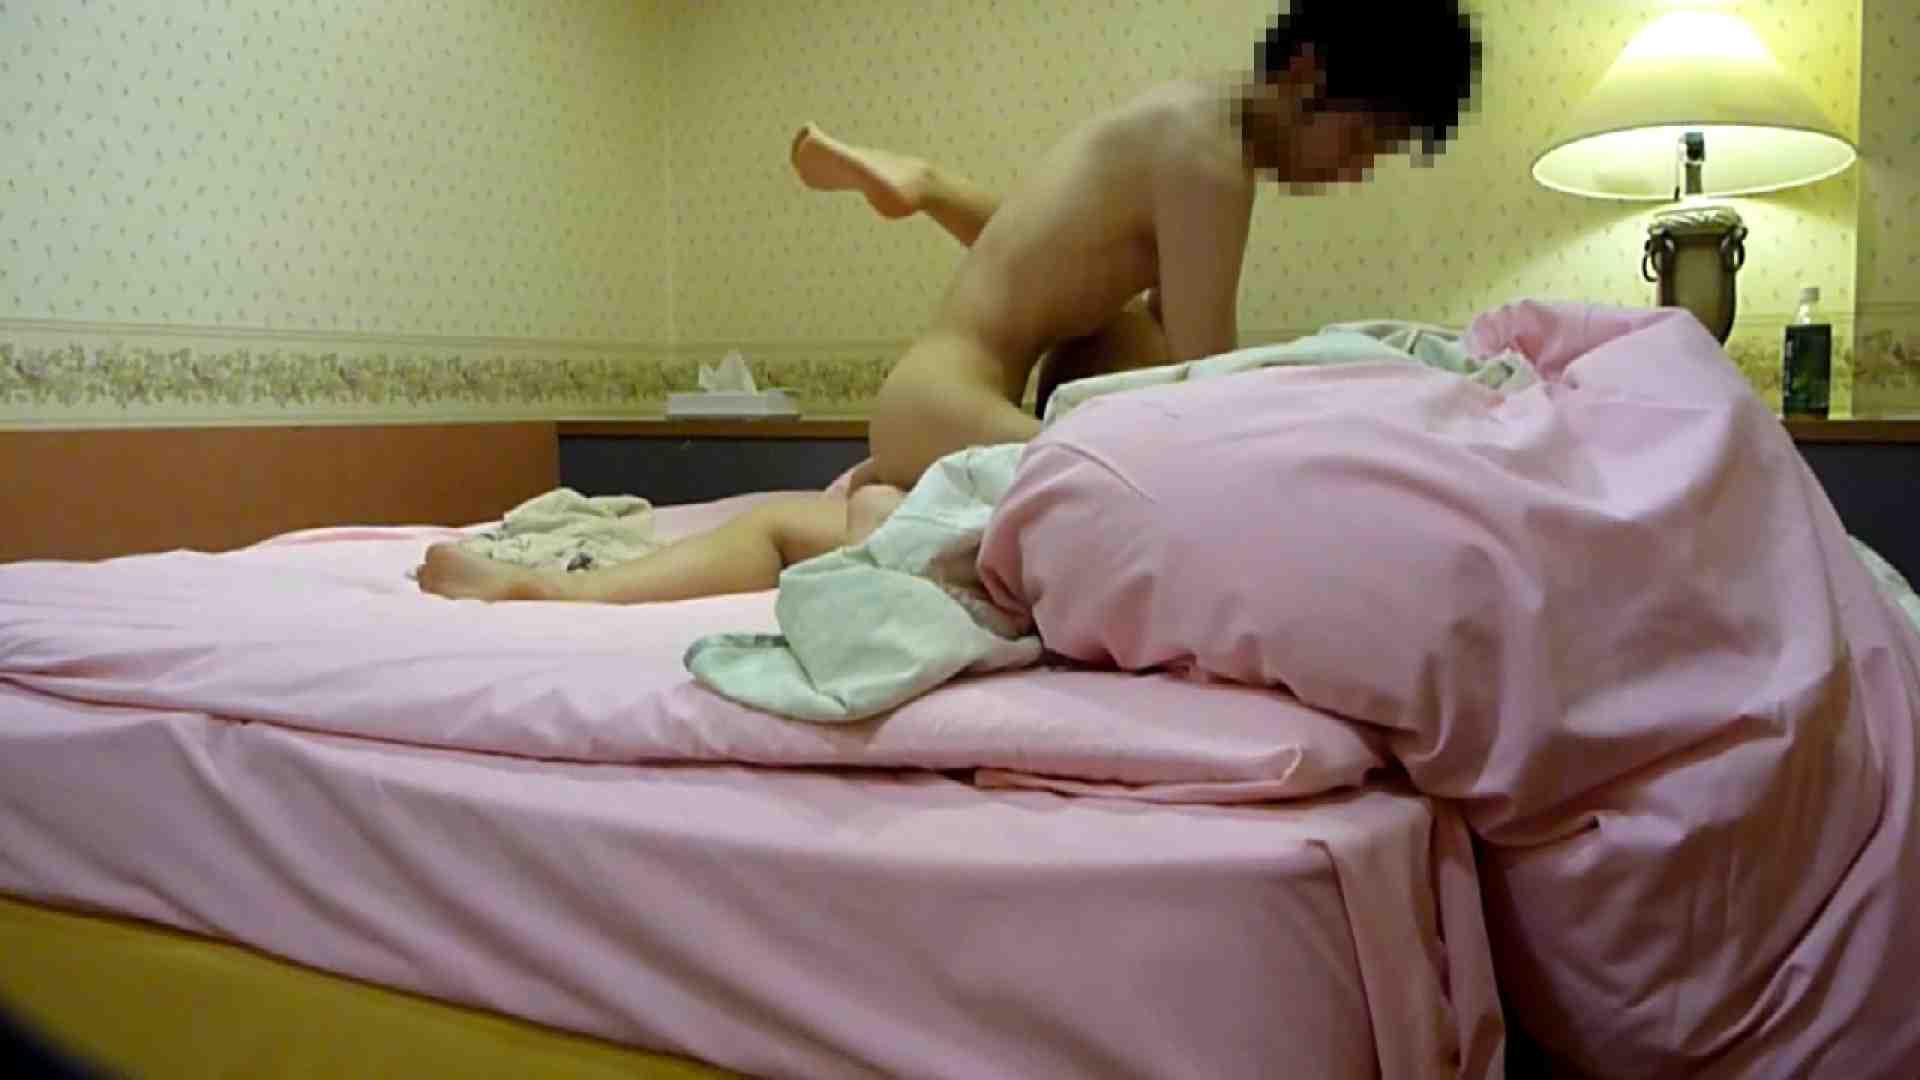 【完全素人投稿】誰にしようか!?やりチン健太の本日もデリ嬢いただきま~す!!05 投稿  95pic 32